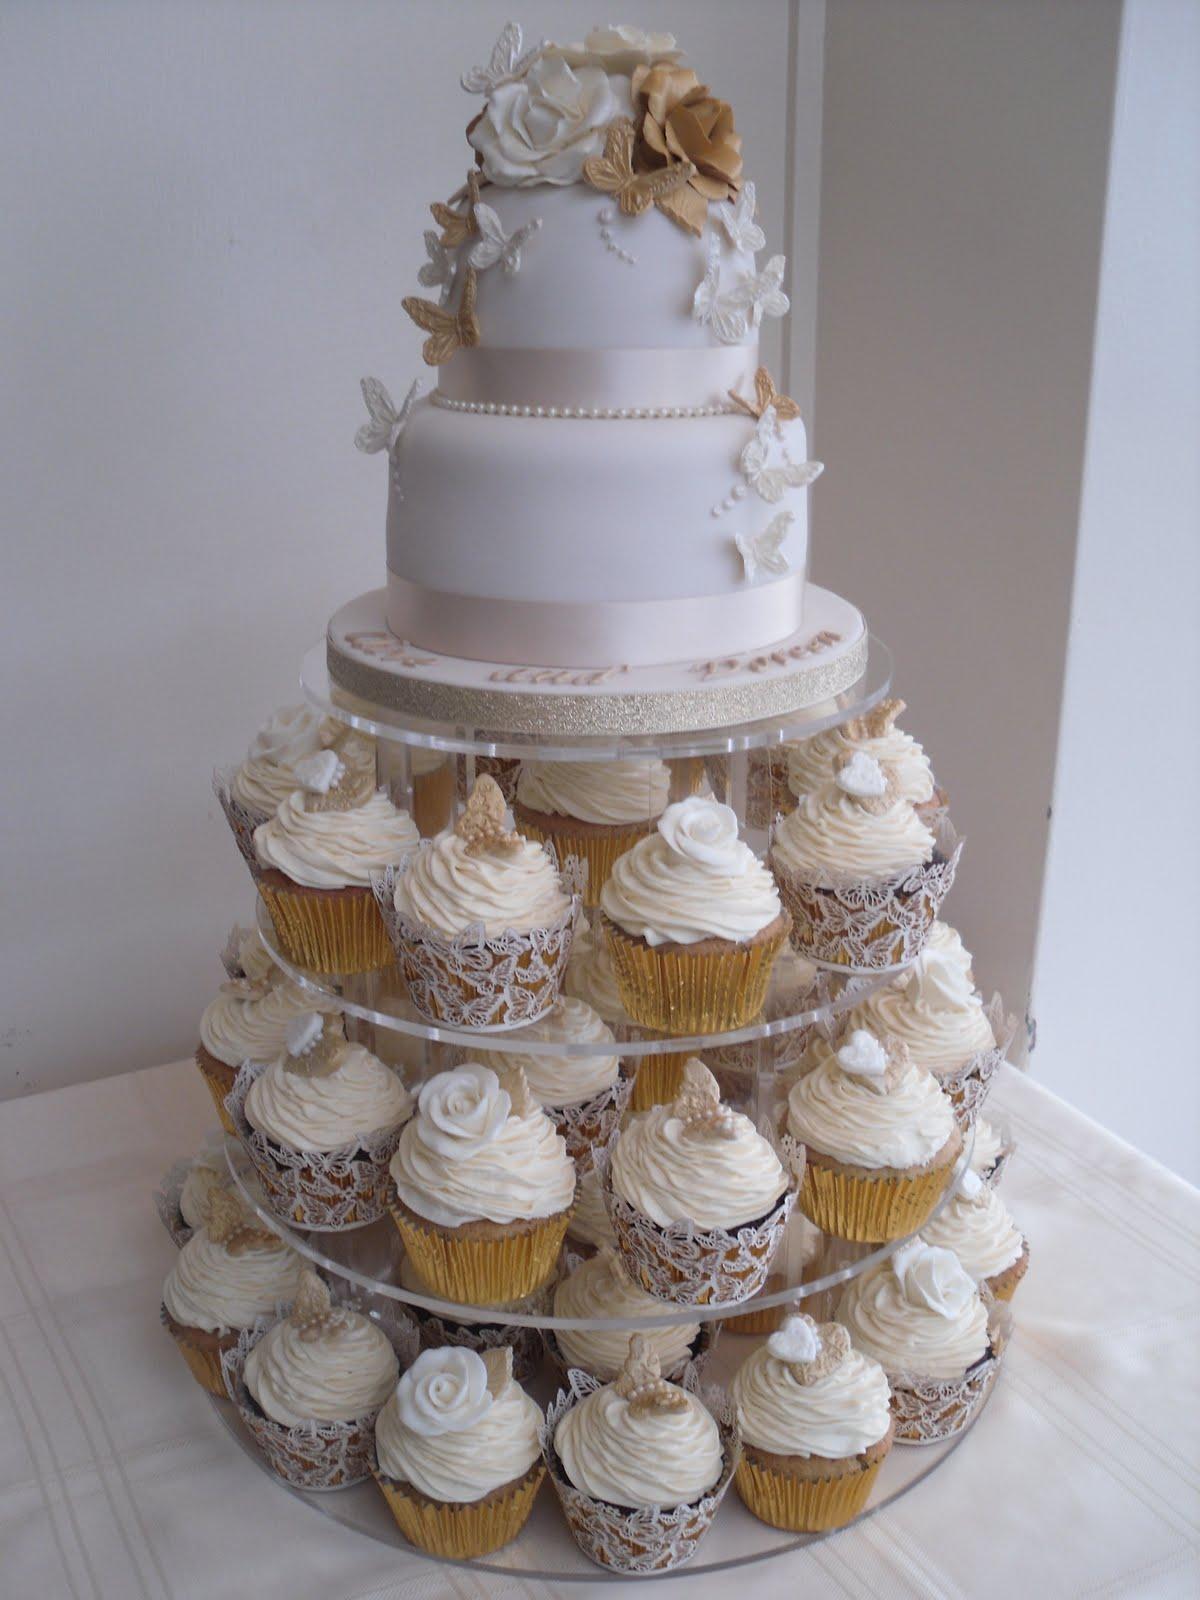 Katies Cupcakes Golden Wedding Anniversary